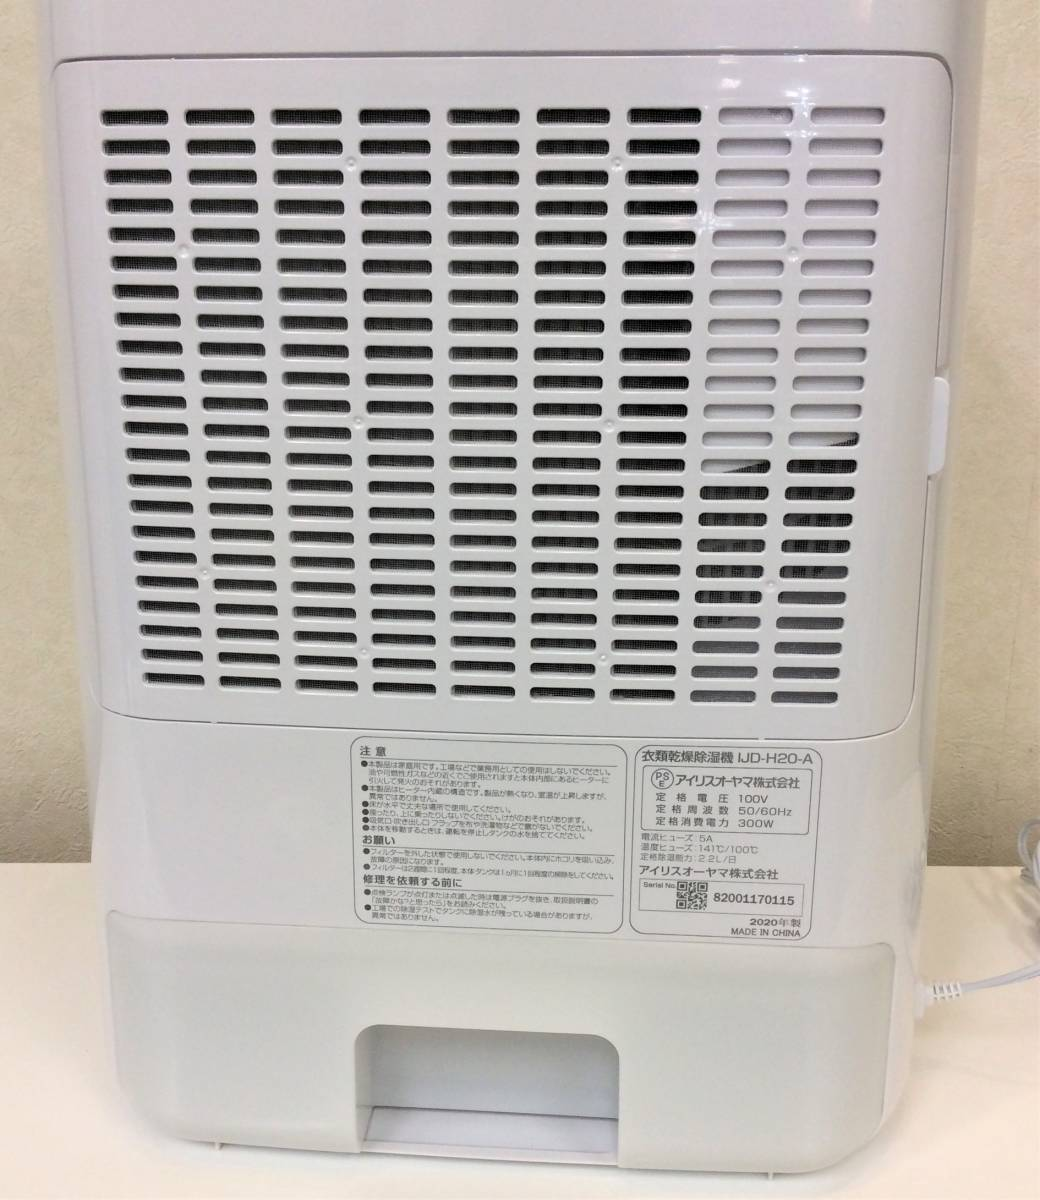 ☆超美品☆ 衣類乾燥除湿器 アイリスオーヤマ 2020年製 IJD-H20 強力除湿 タイマー付 静音設計 除湿量2.2L デシカント方式_画像2